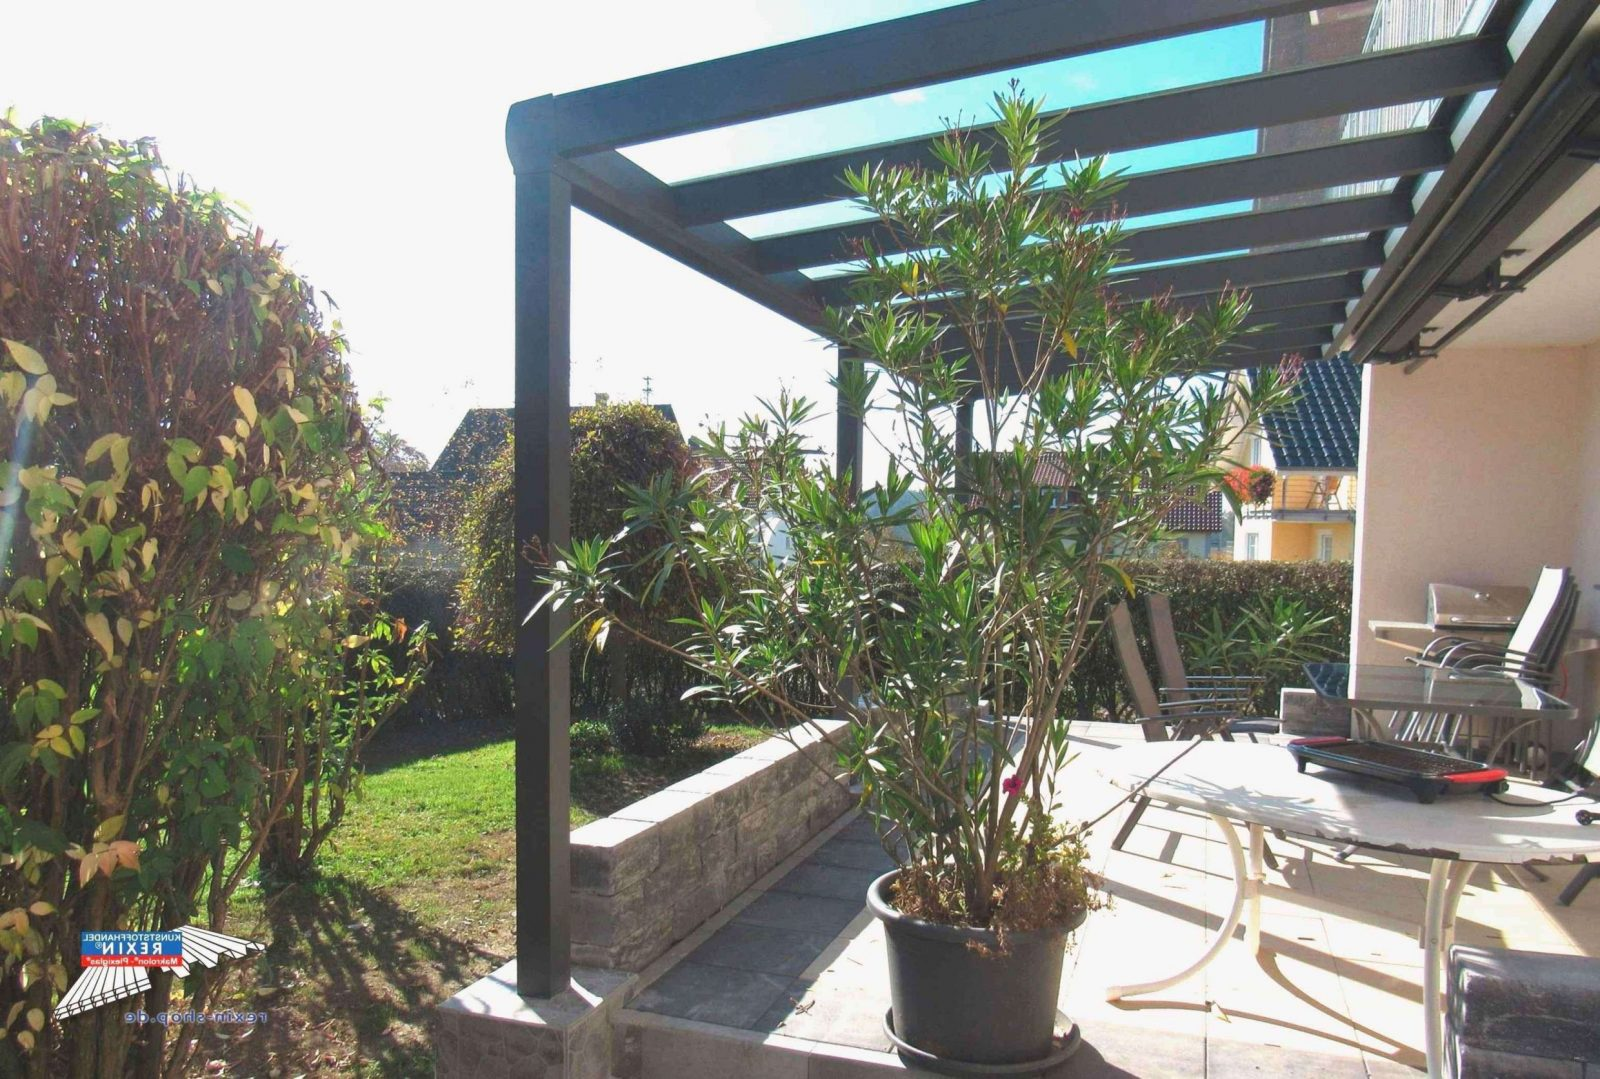 Sonnensegel Balkon Ohne Bohren Designideen Von Sonnenschutz Balkon von Sonnensegel Balkon Ohne Bohren Photo